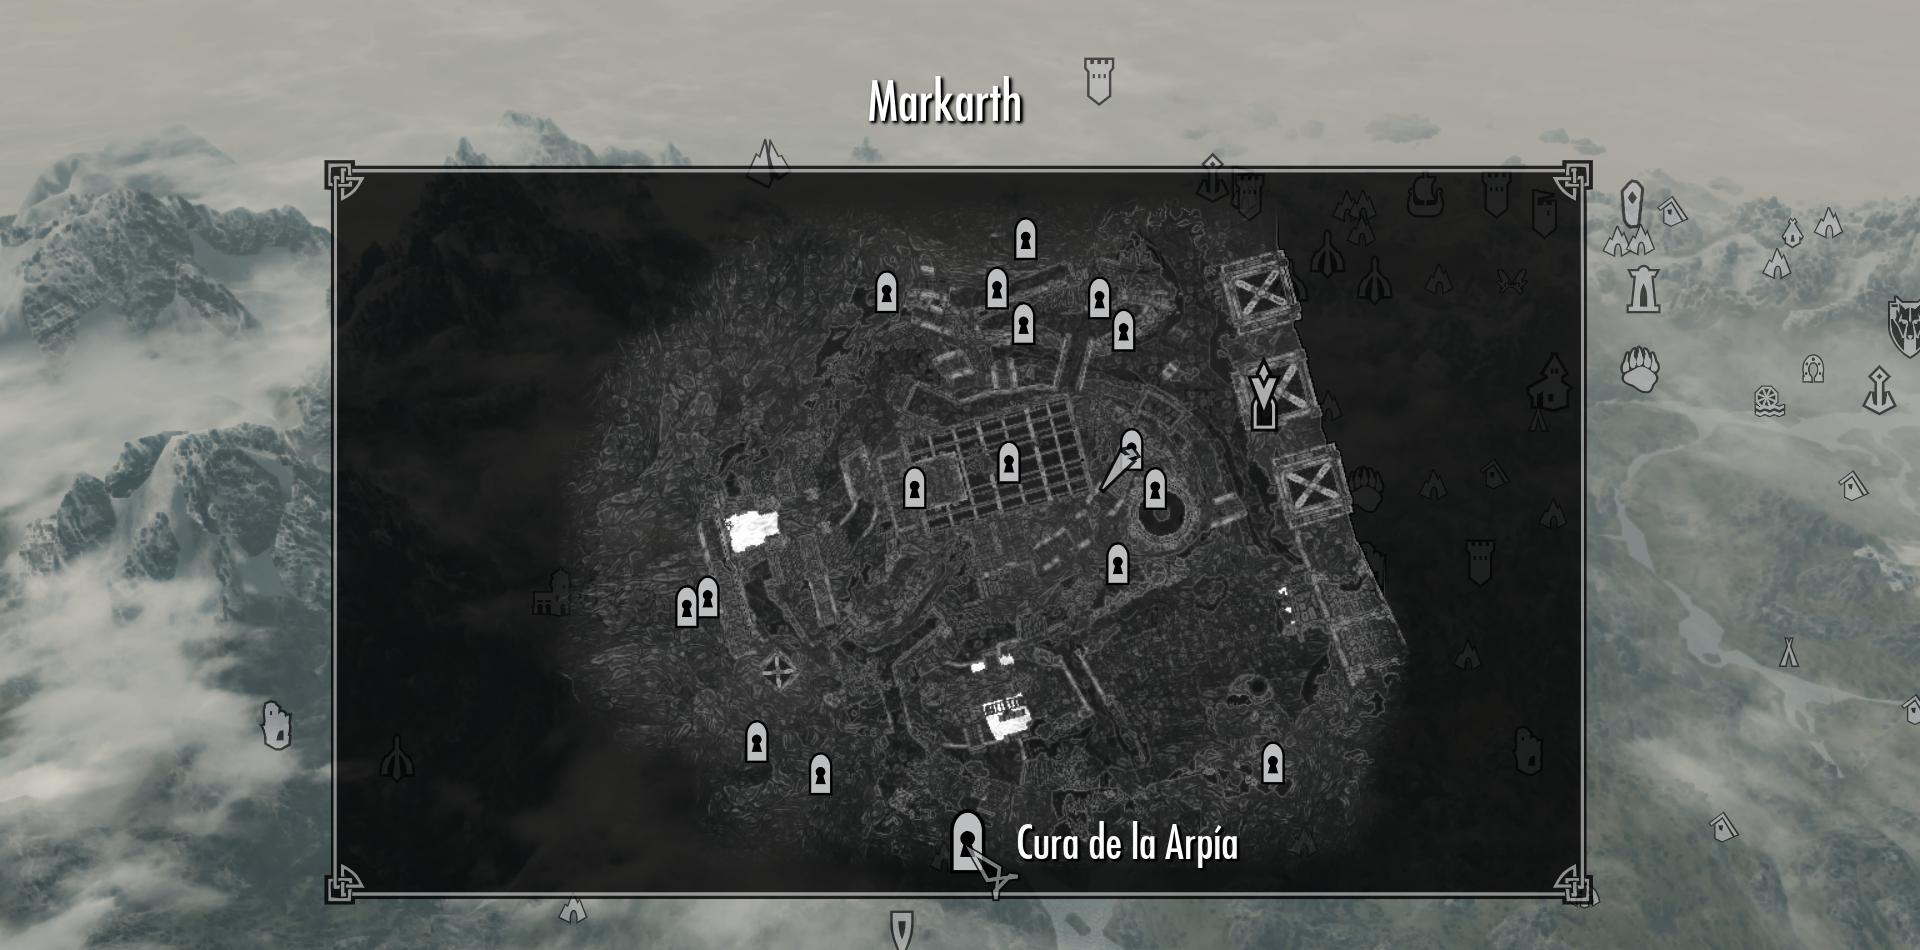 Cura de la Arpía